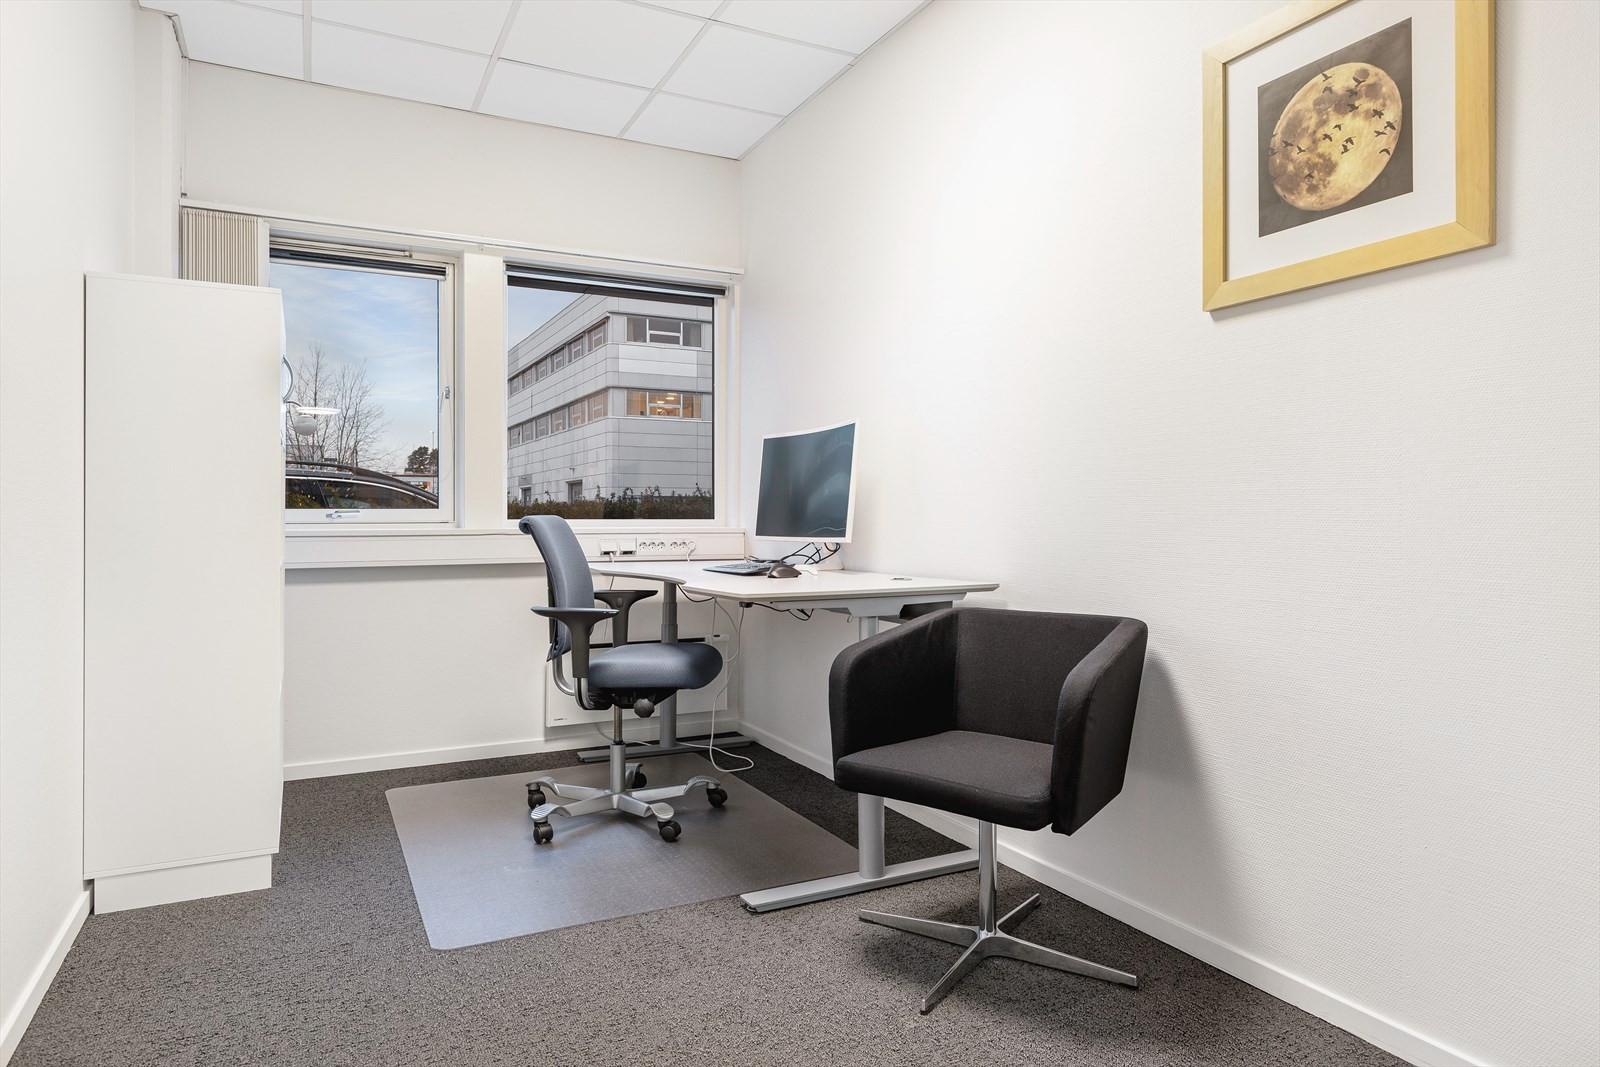 Lokalet er i dag blant annet inndelt med mange kontorer.